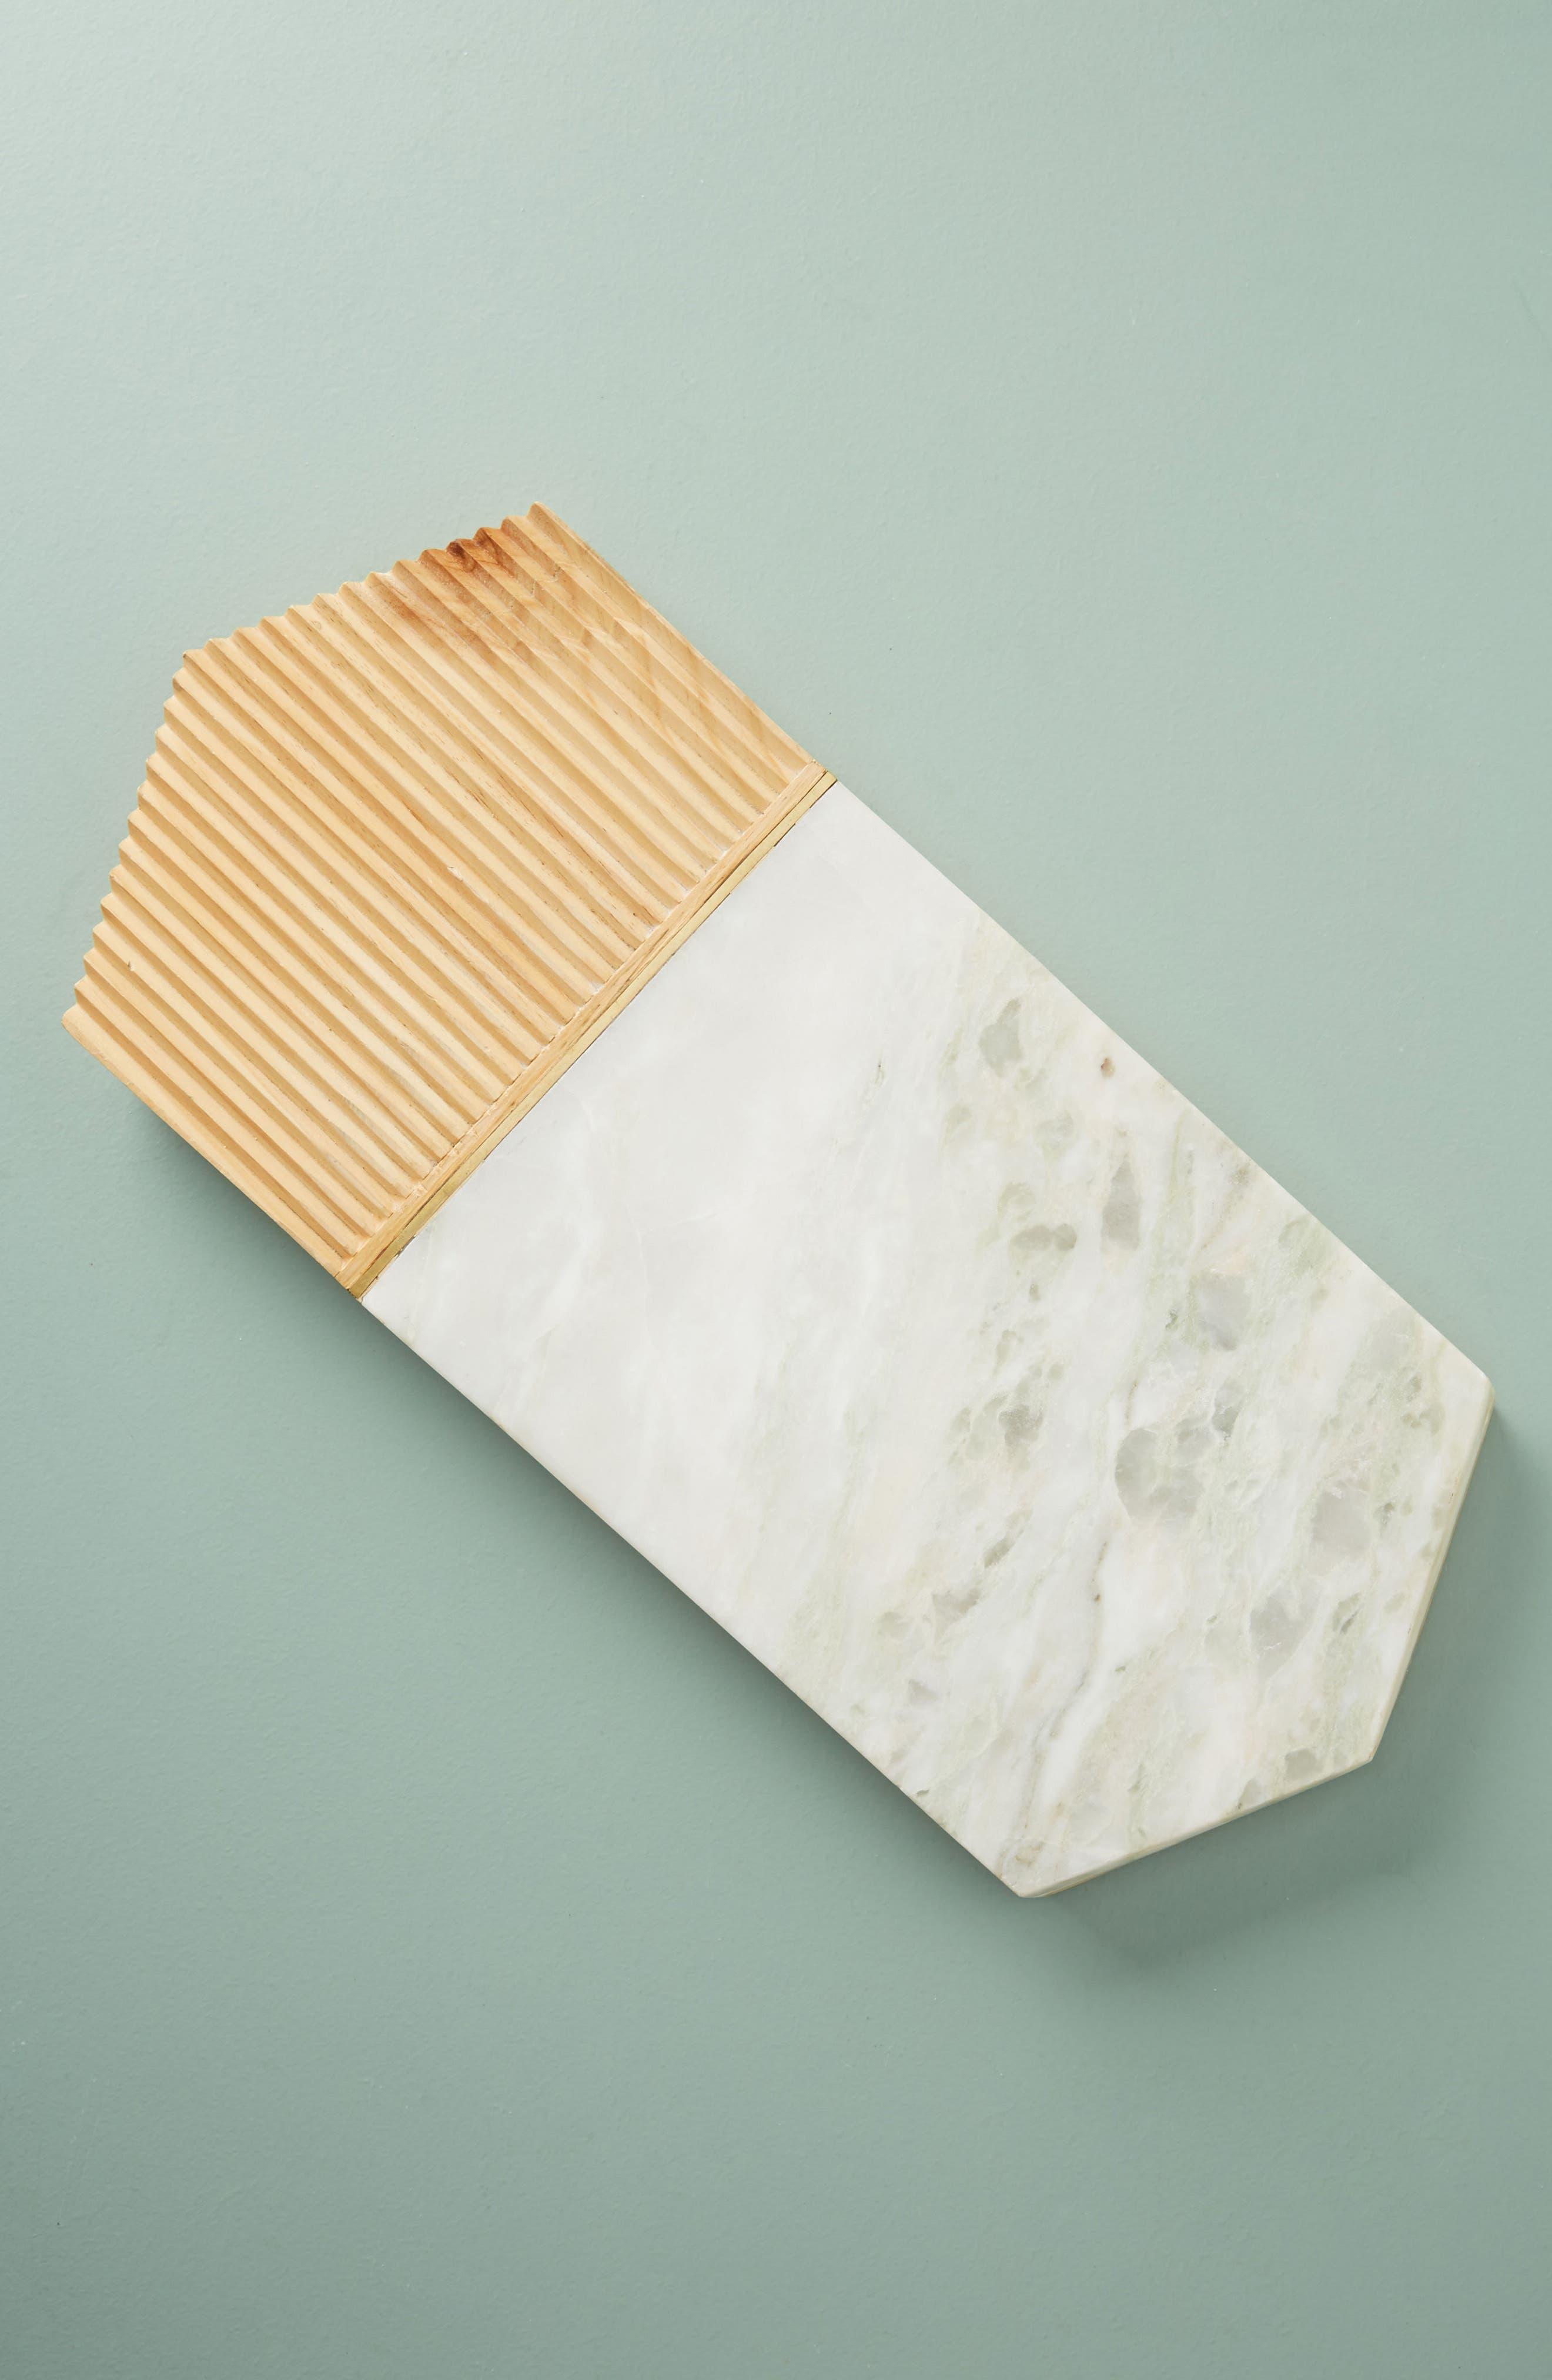 Karala Pinewood & Marble Cheese Board,                             Main thumbnail 1, color,                             White